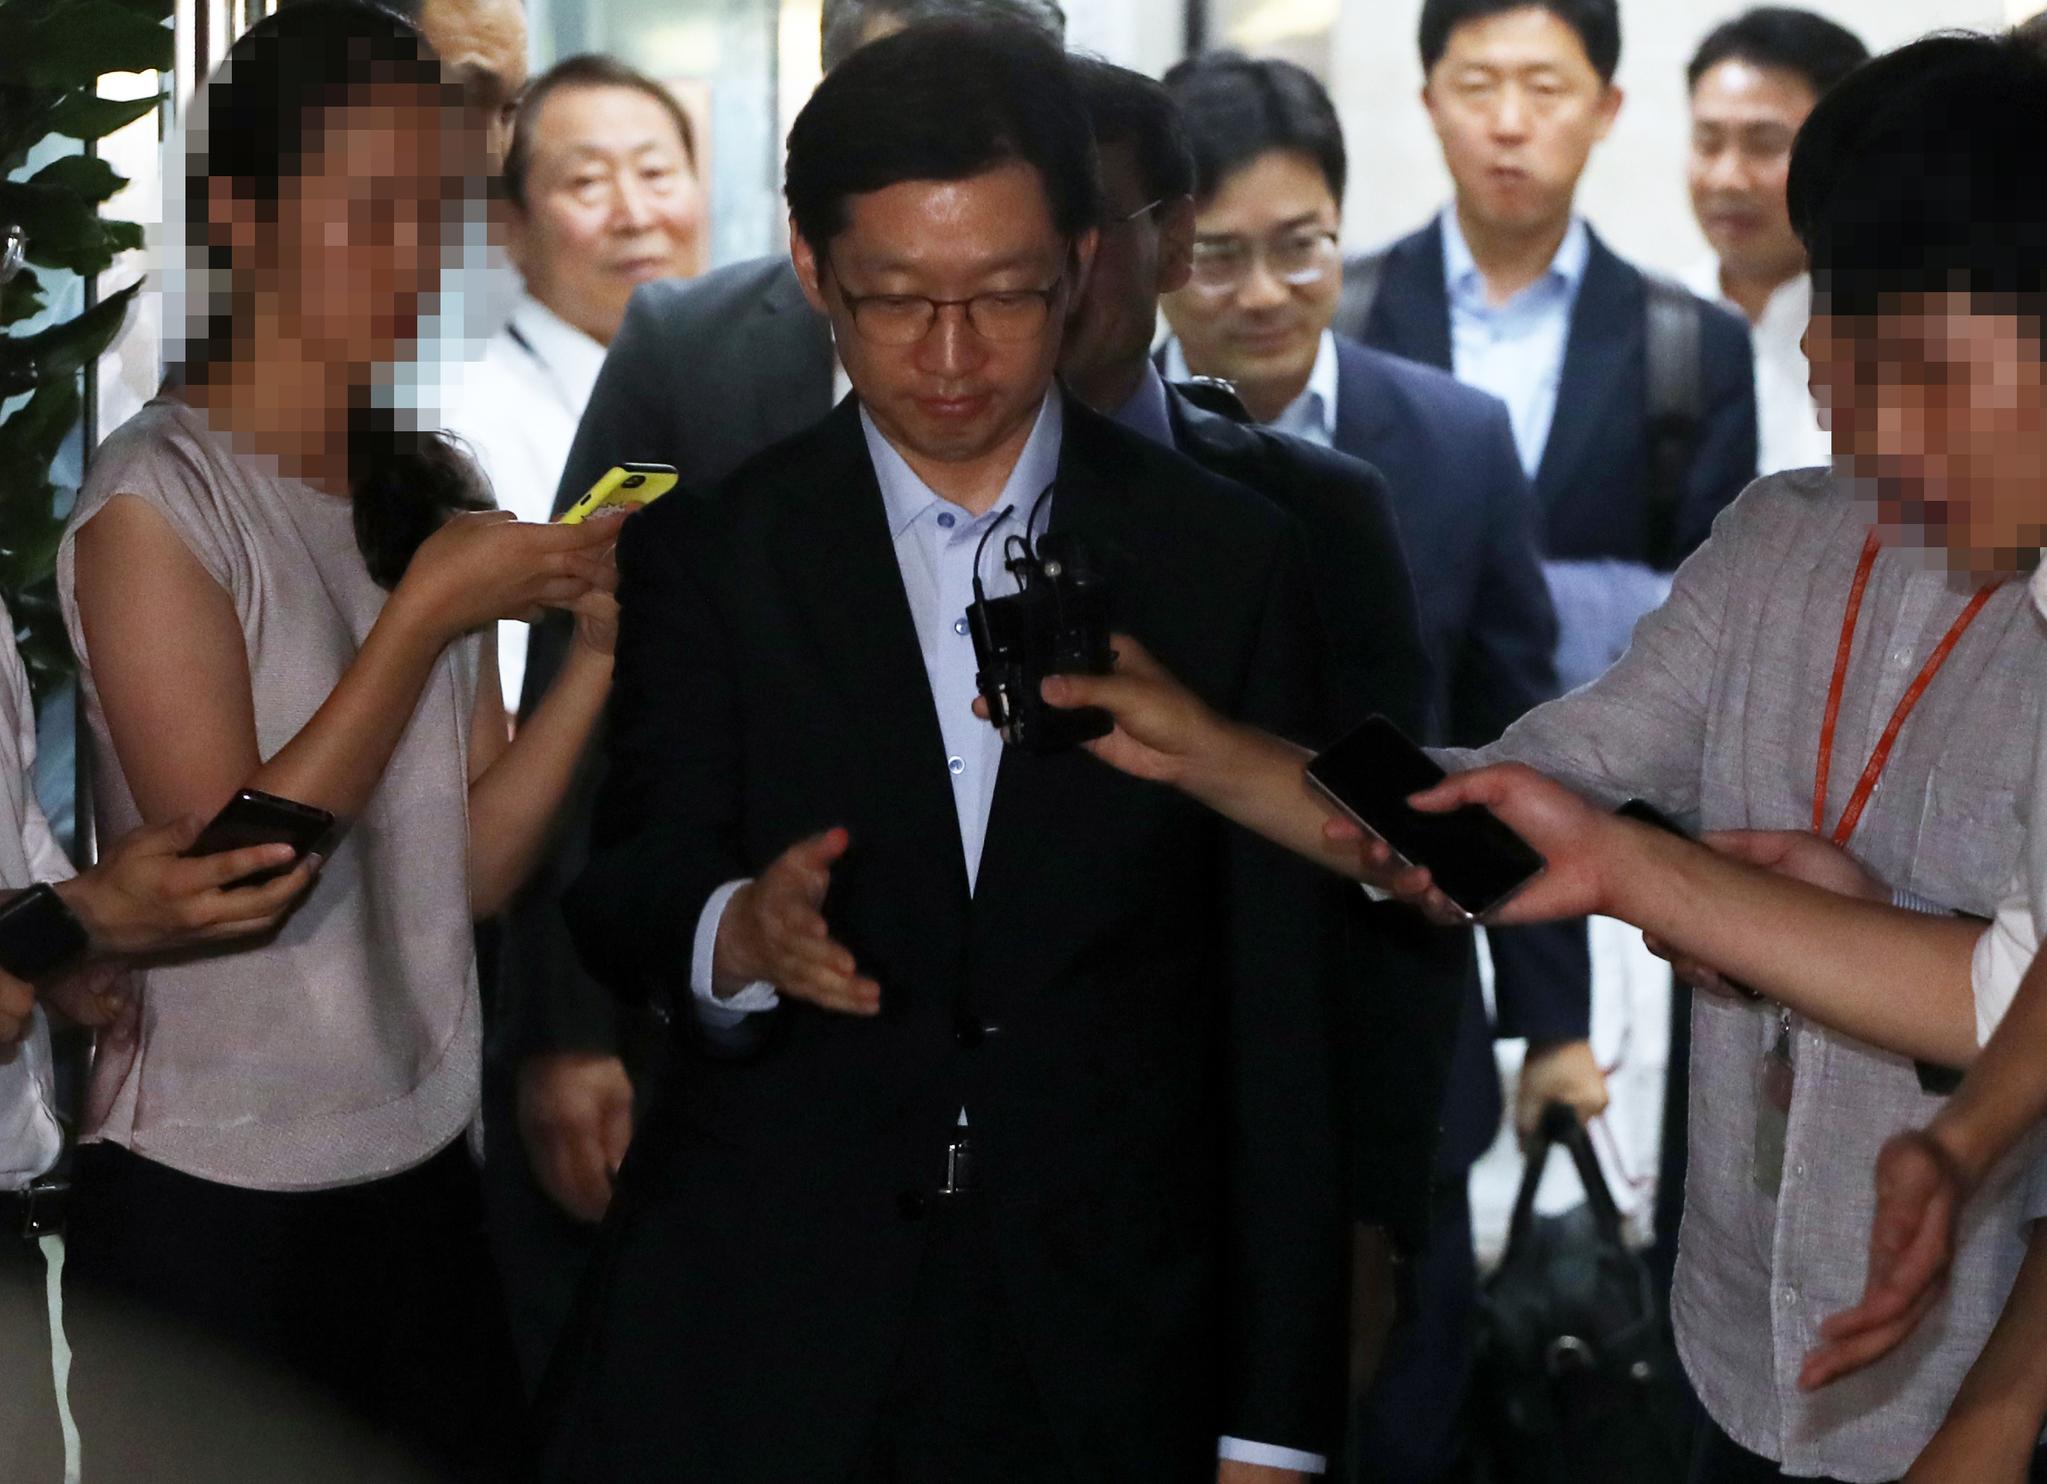 김경수 경남지사가 10일 새벽 드루킹 댓글 조작 공모 관련 2차 소환조사를 마친뒤 강남 특검 사무실을 나서며 기자들의 질문을 받고 있다. [연합뉴스]